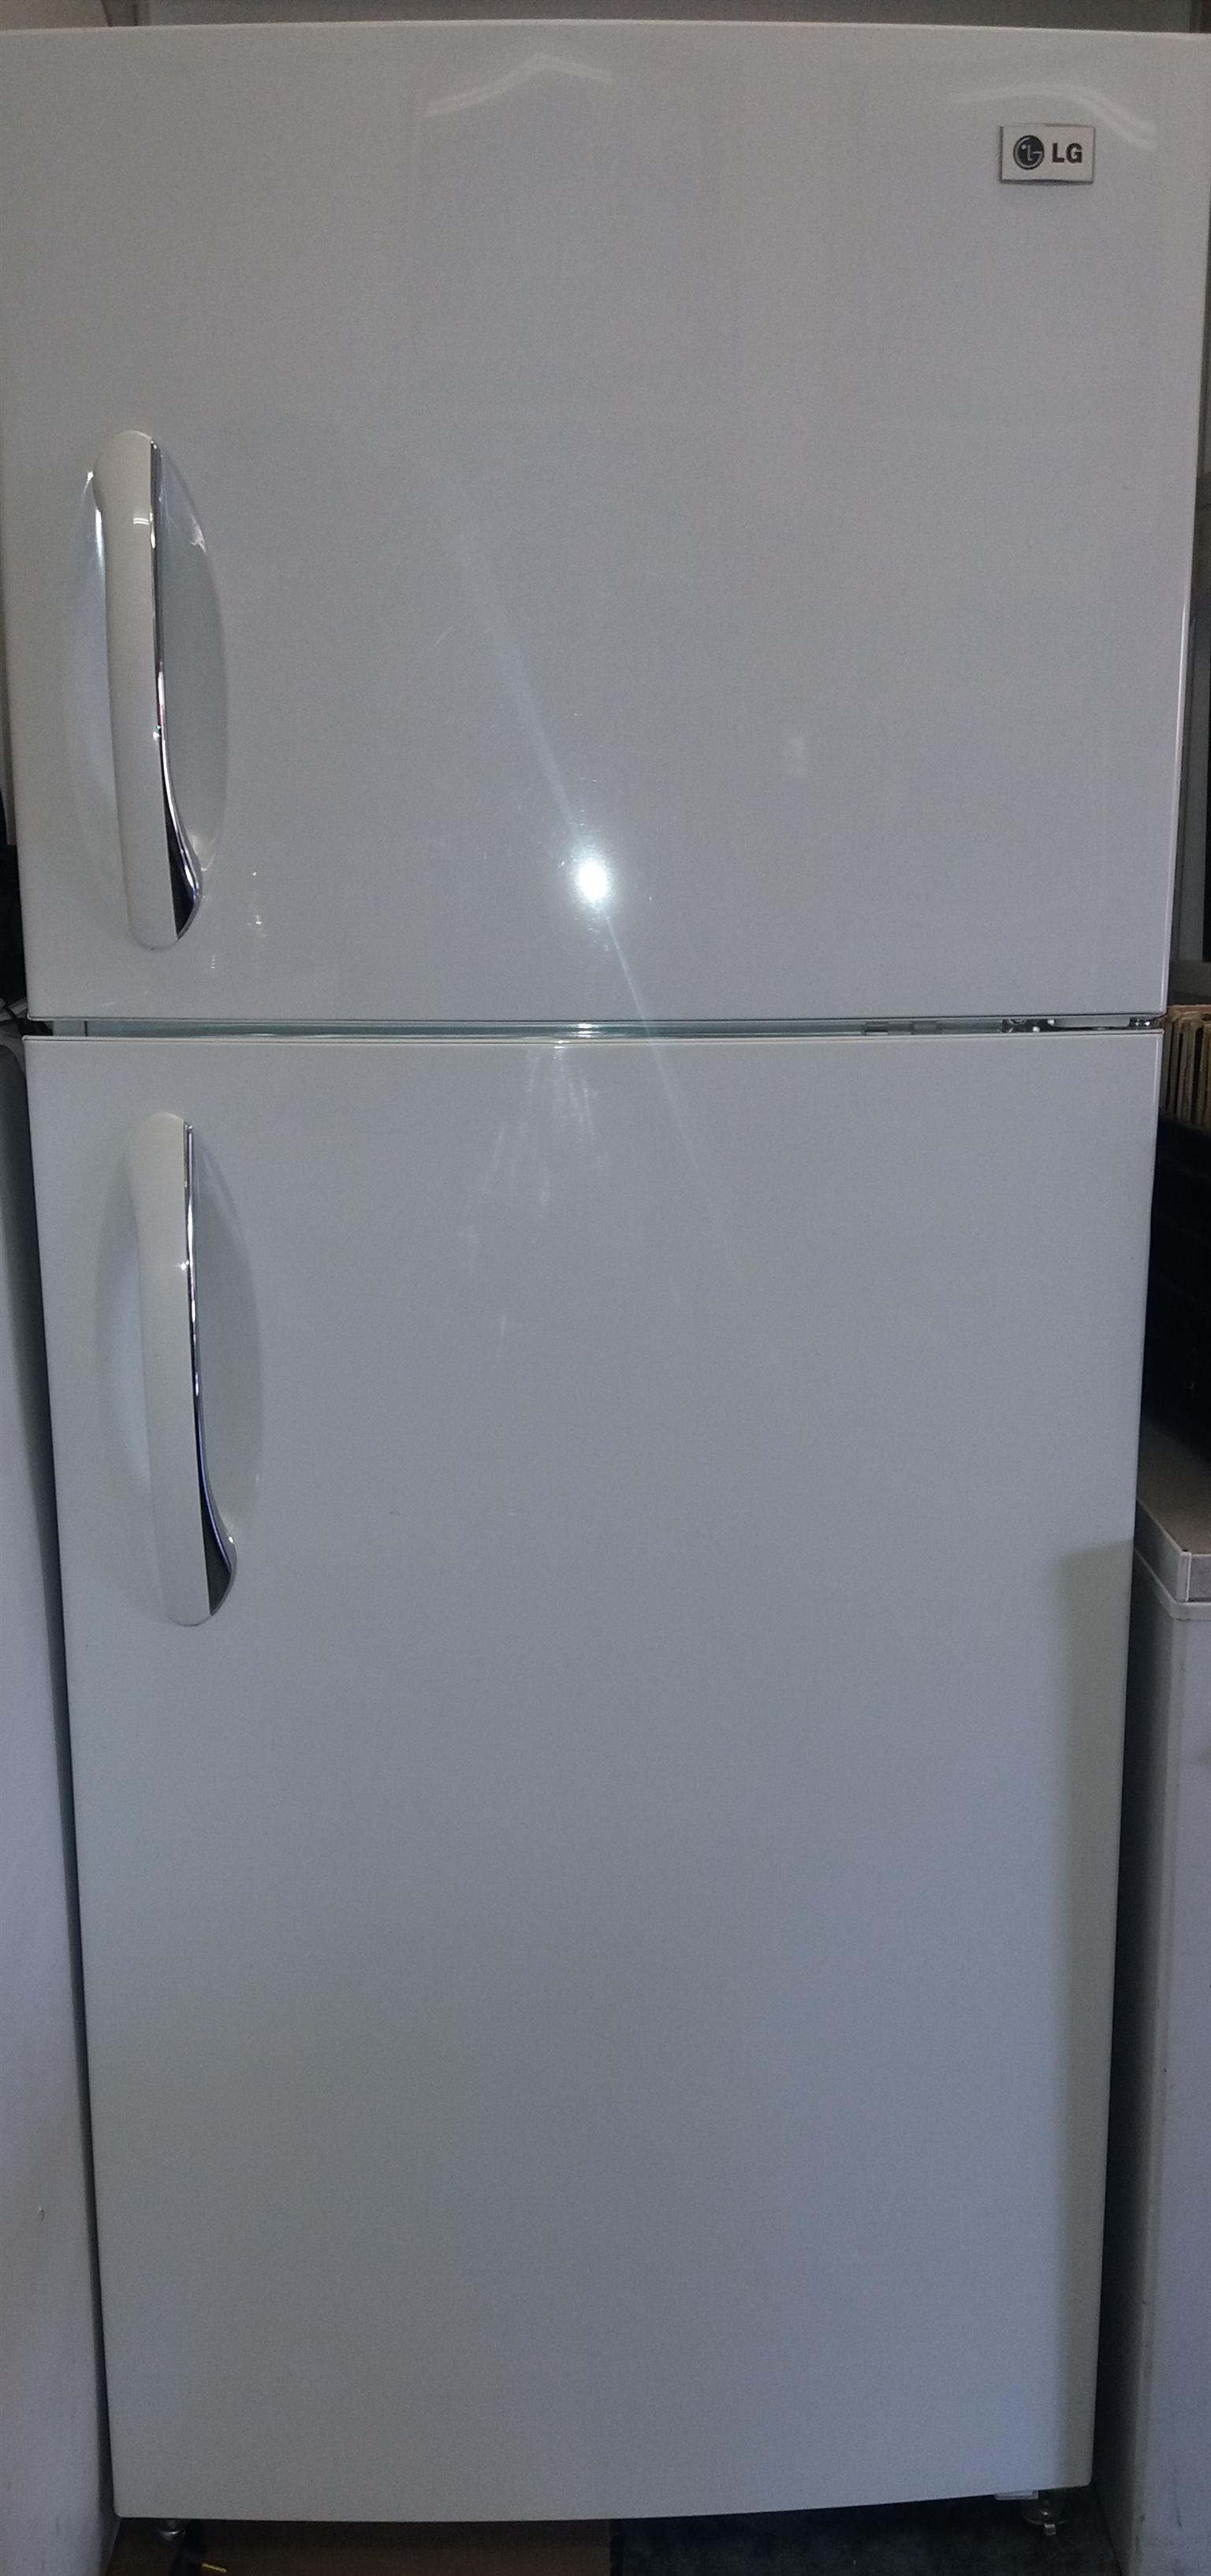 LG Fridge / Freezer